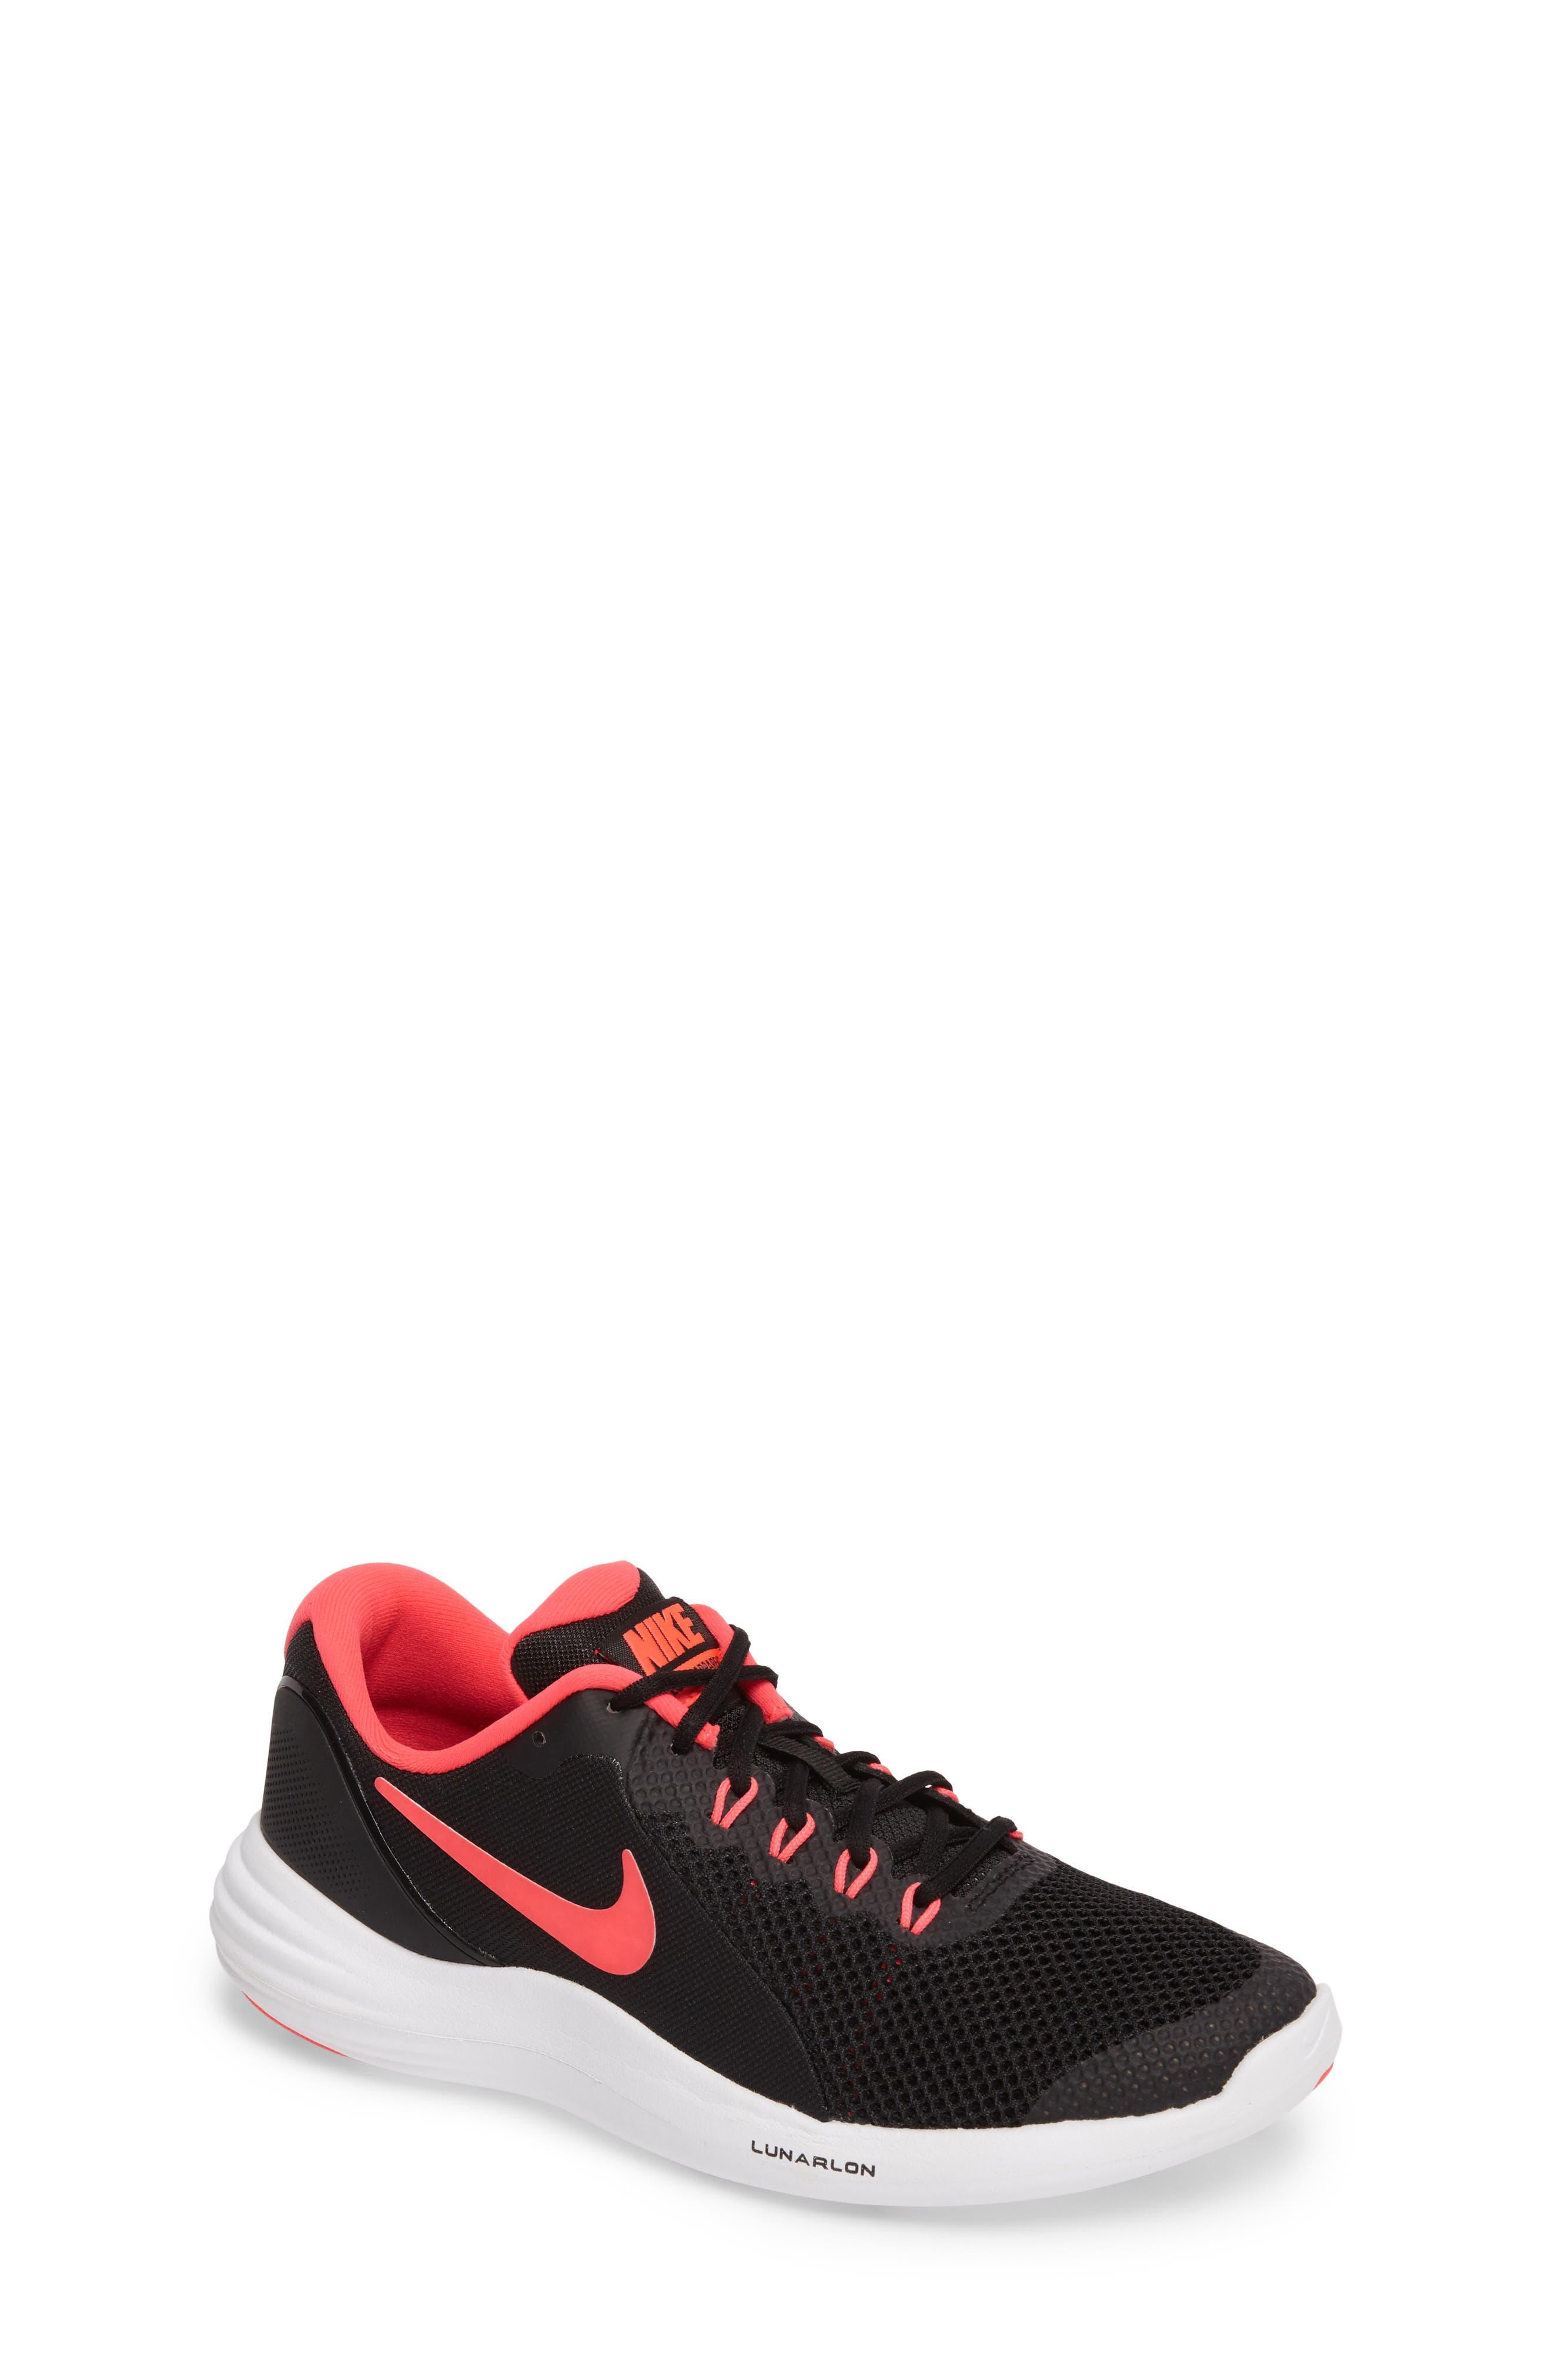 Nike Lunar Apparent Sneaker (Big Kid)